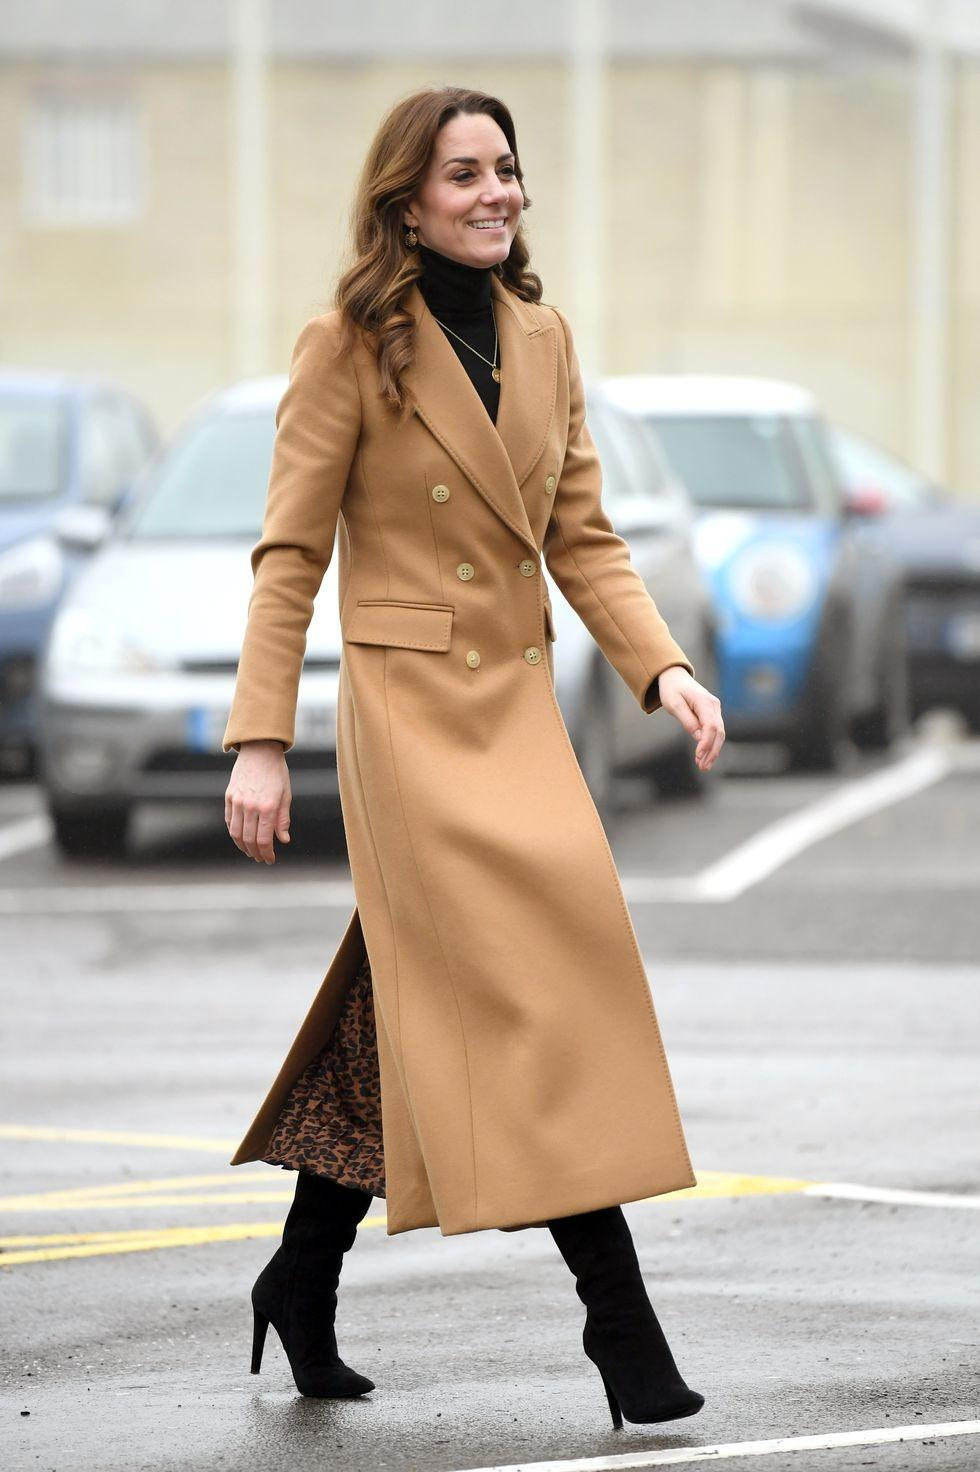 Кейт Миддлтон стала самым популярным модным инфлюенсером Великобритании в 2020 году